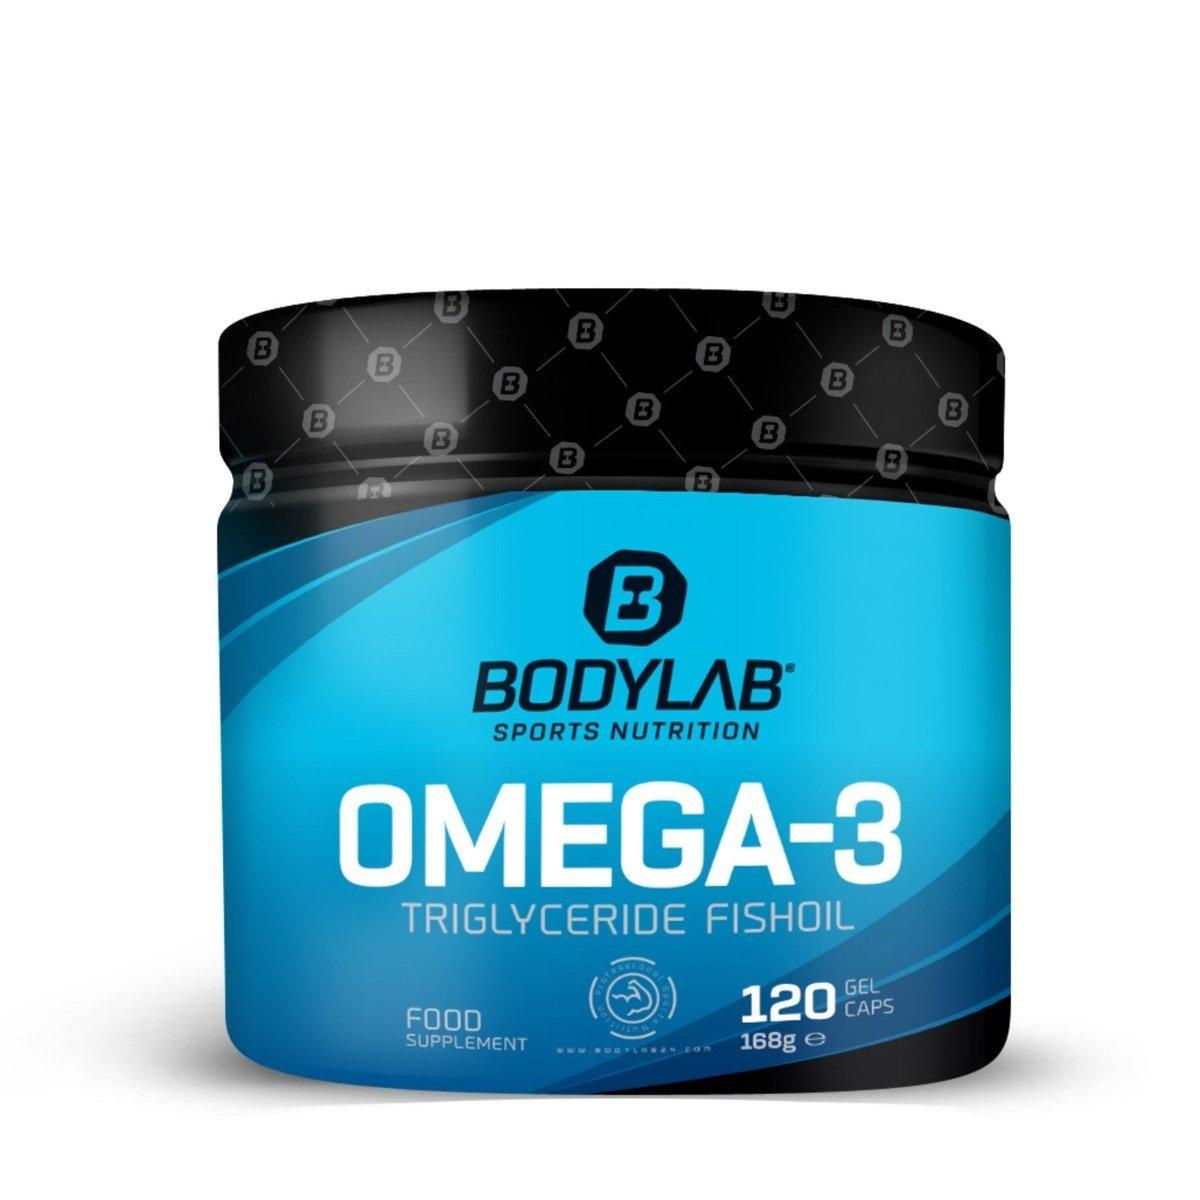 Omega 3 - Bodylab24